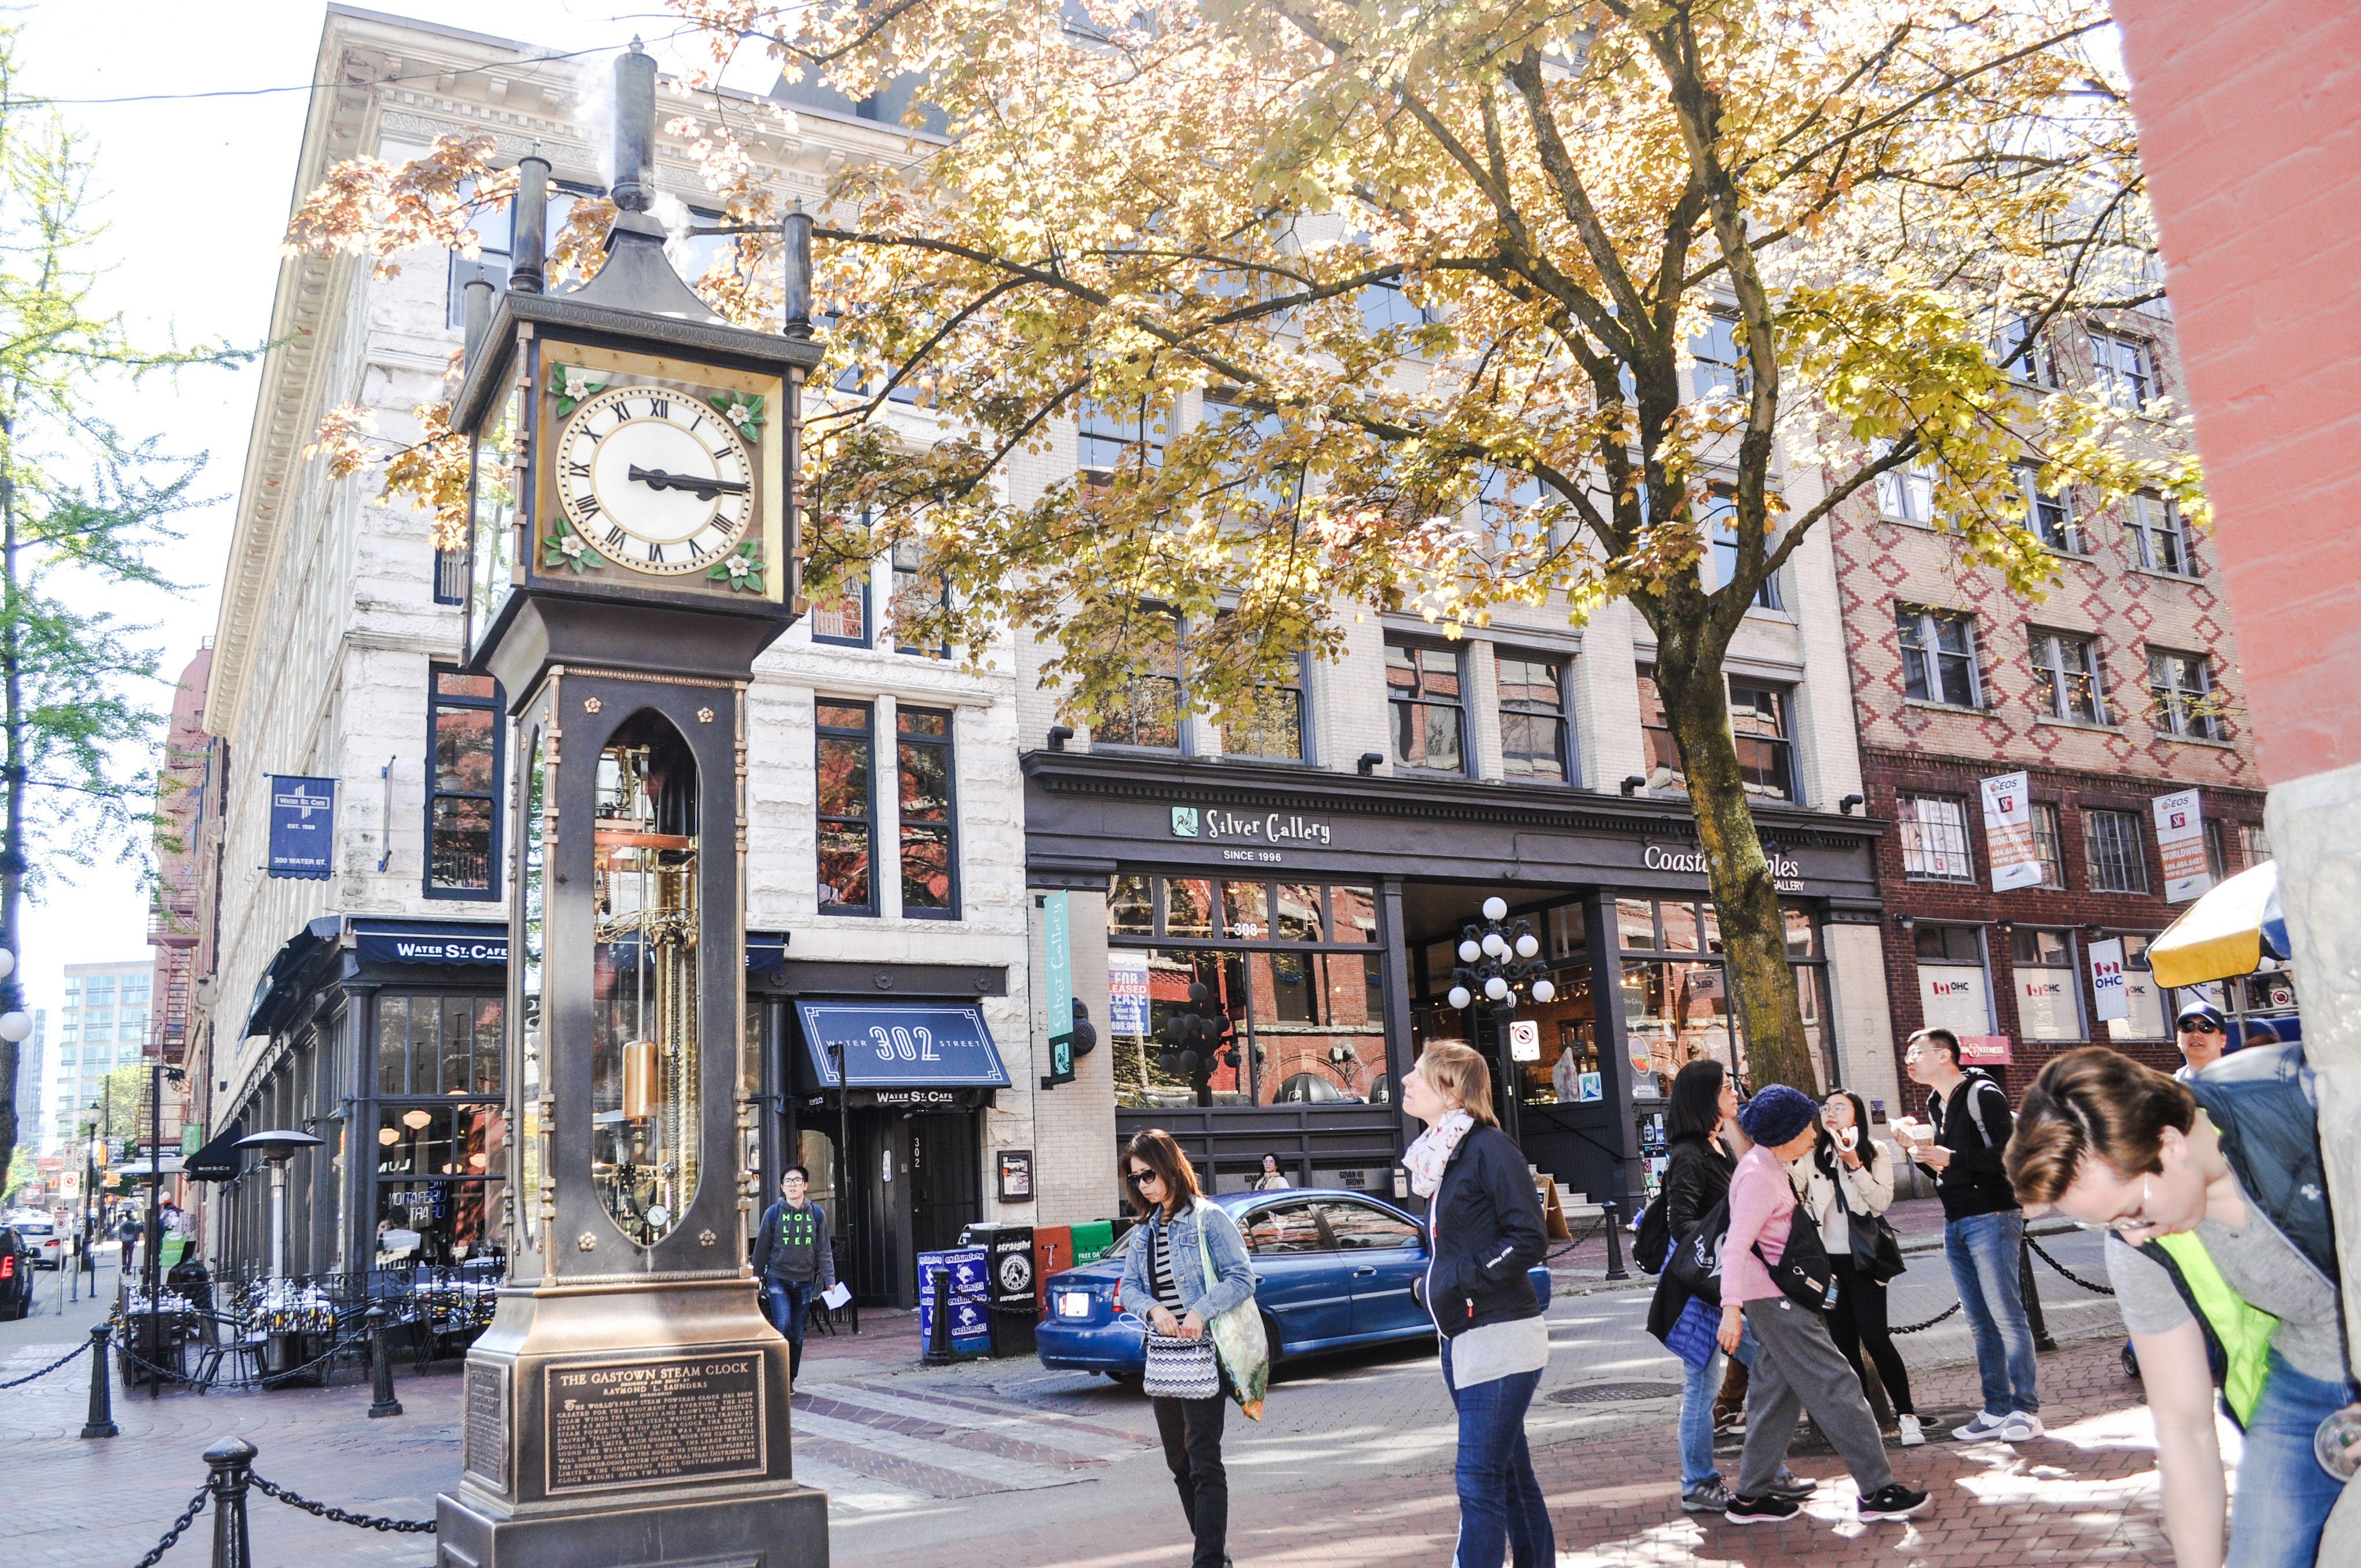 Gastown, a popular shopping destination